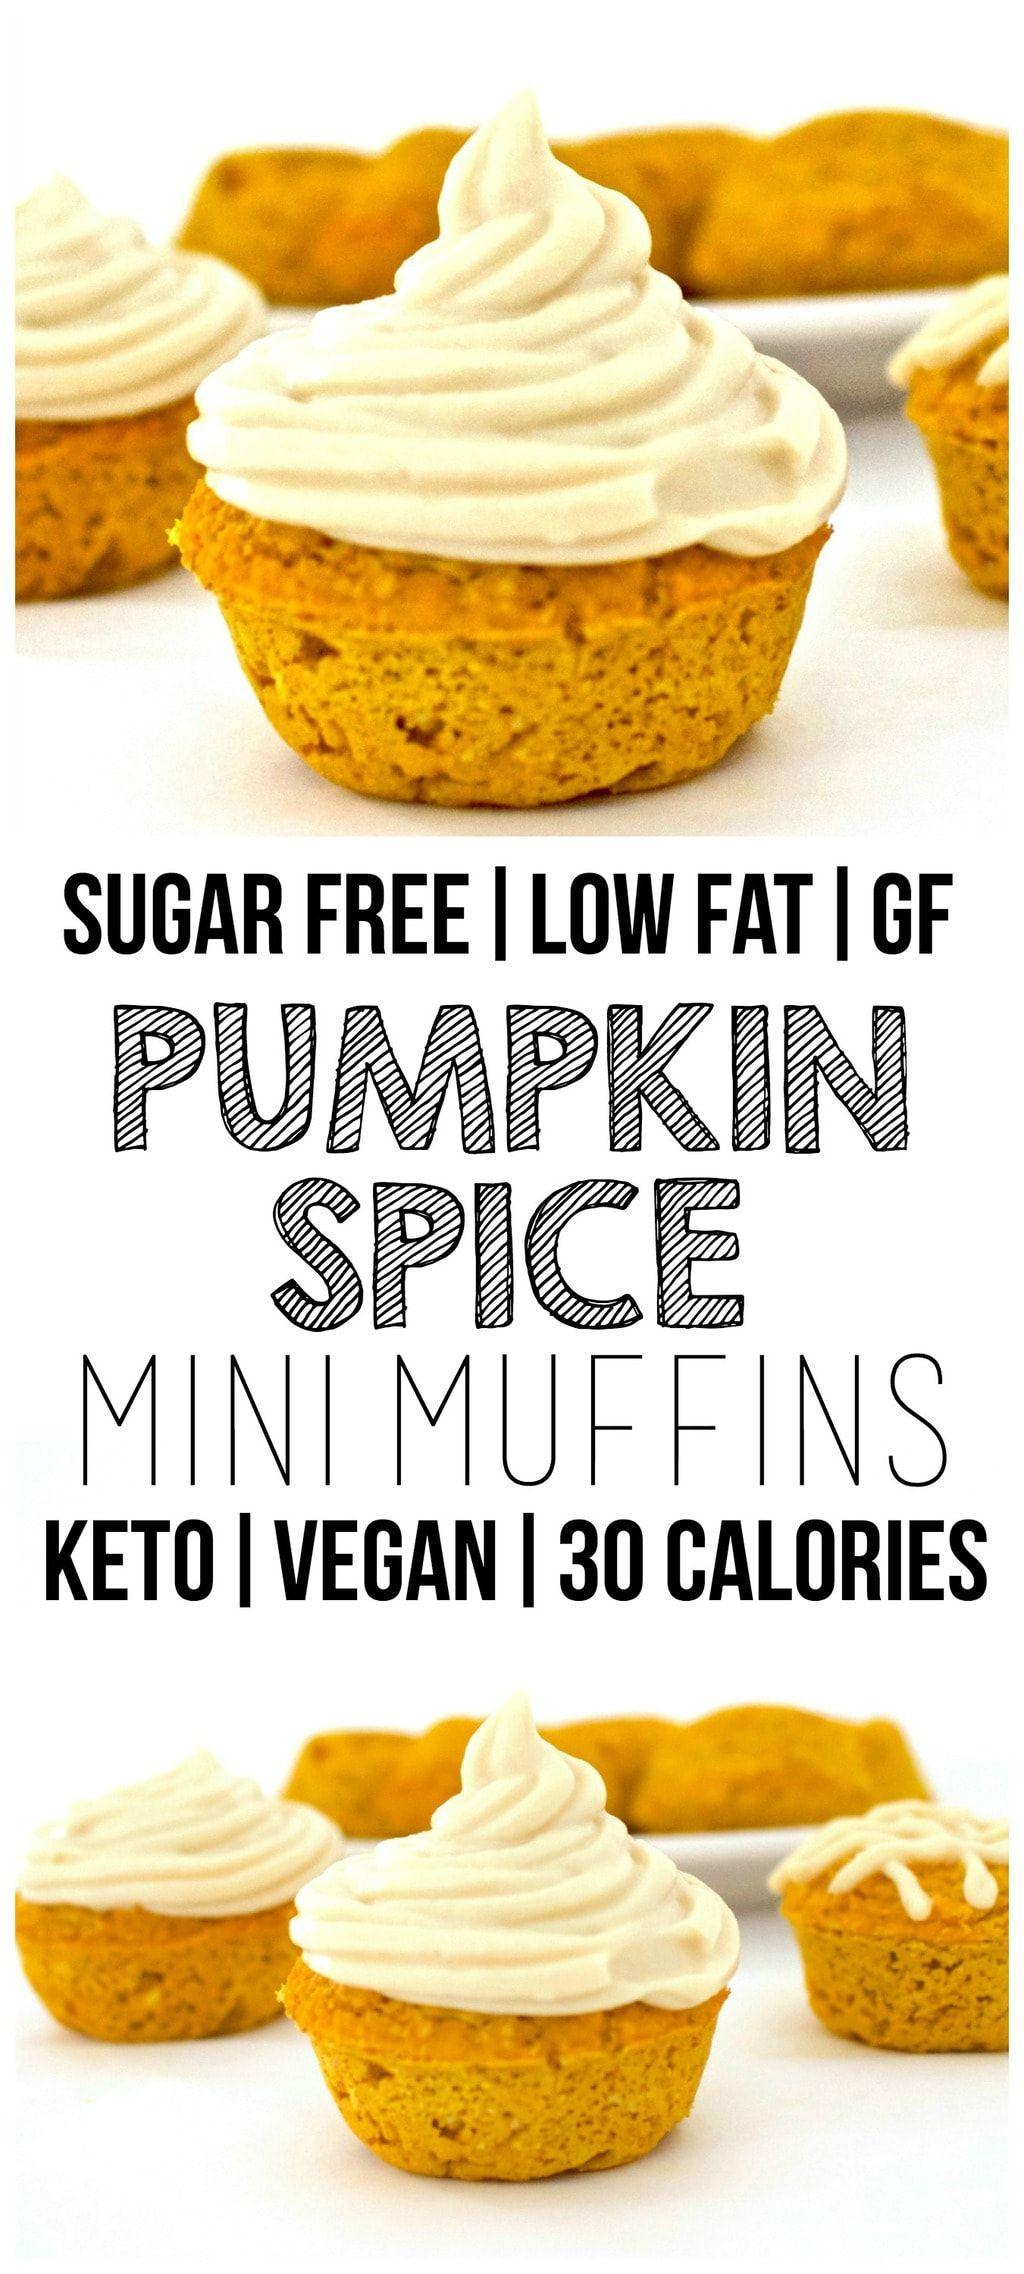 Pumpkin Spice Muffins Vegan Gluten Free Keto Sugar Free Recipe Low Calorie Muffins No Calorie Foods Vegan Pumpkin Recipes